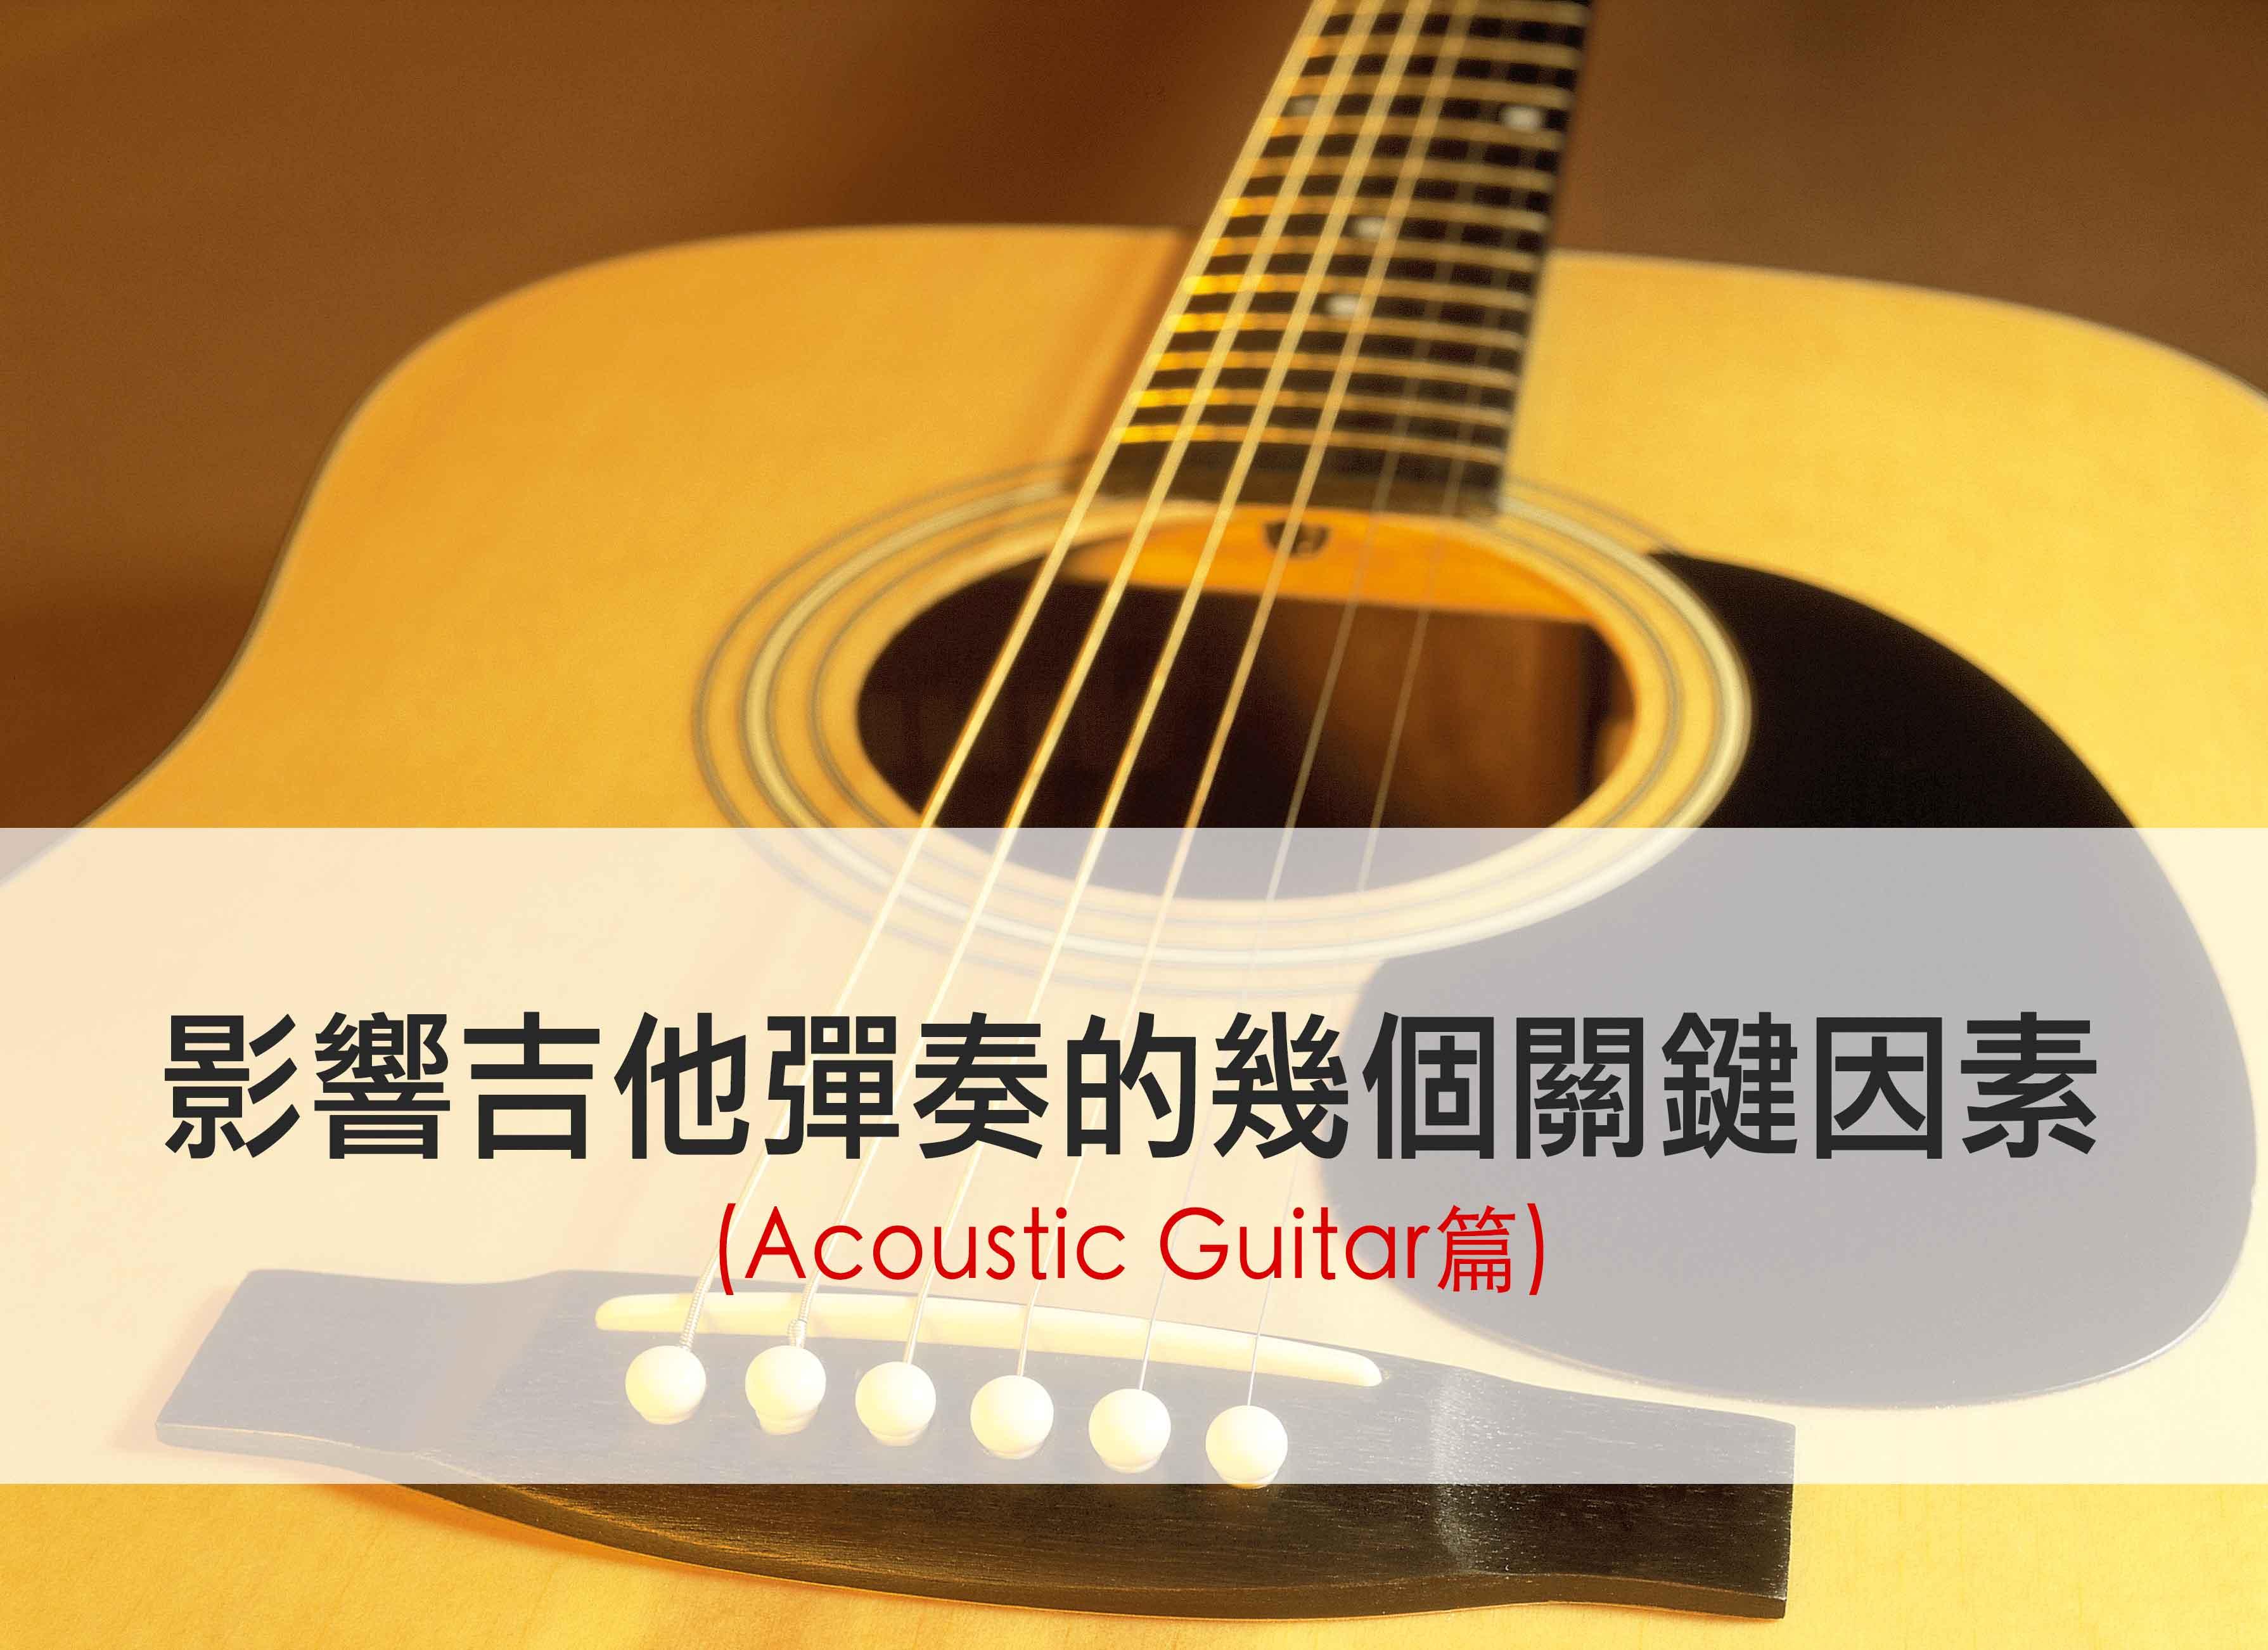 影響吉他彈奏的關鍵因素,Acoustic Guitar